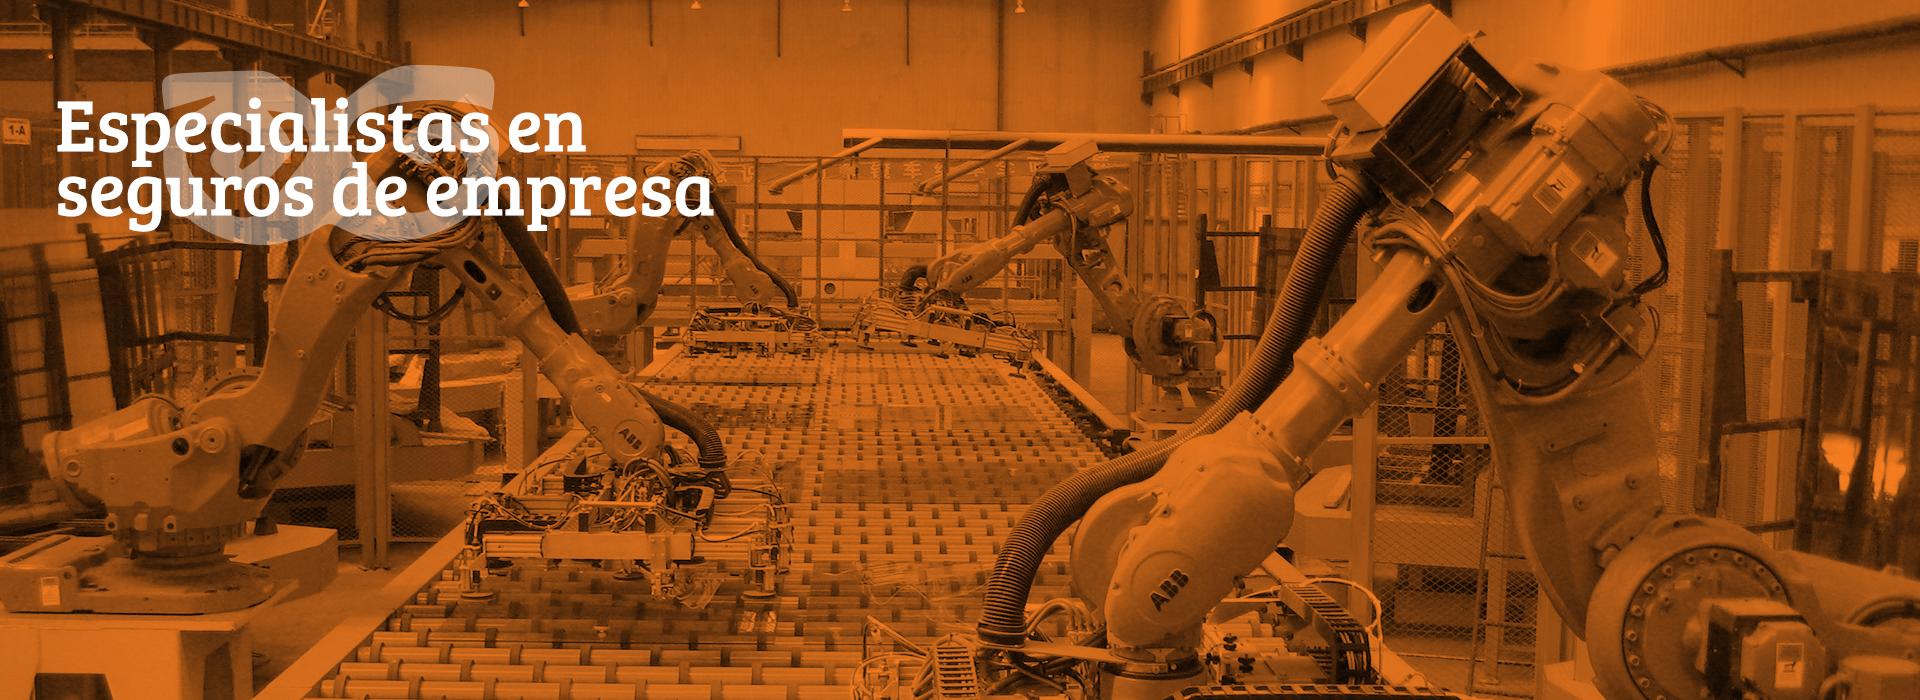 Argente Correduria de Seguros en Valencia Empresas I